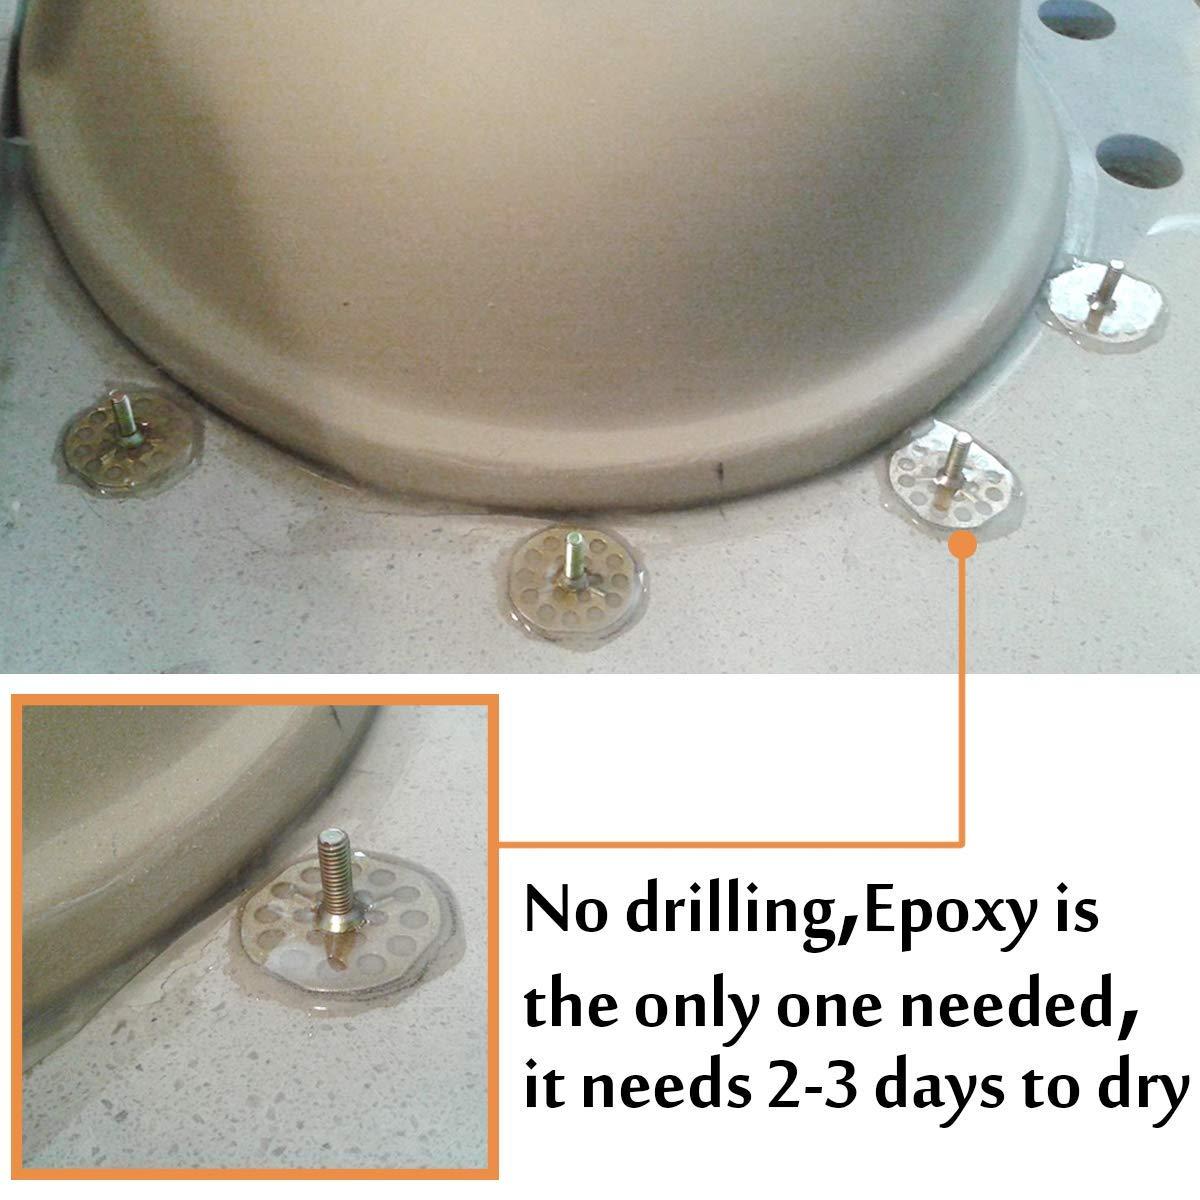 Undermount Sink Clips, Sink Brackets, Epoxy Sink Clips - 10 Pack Kit -  Kitchen & Bathroom Sink Supports